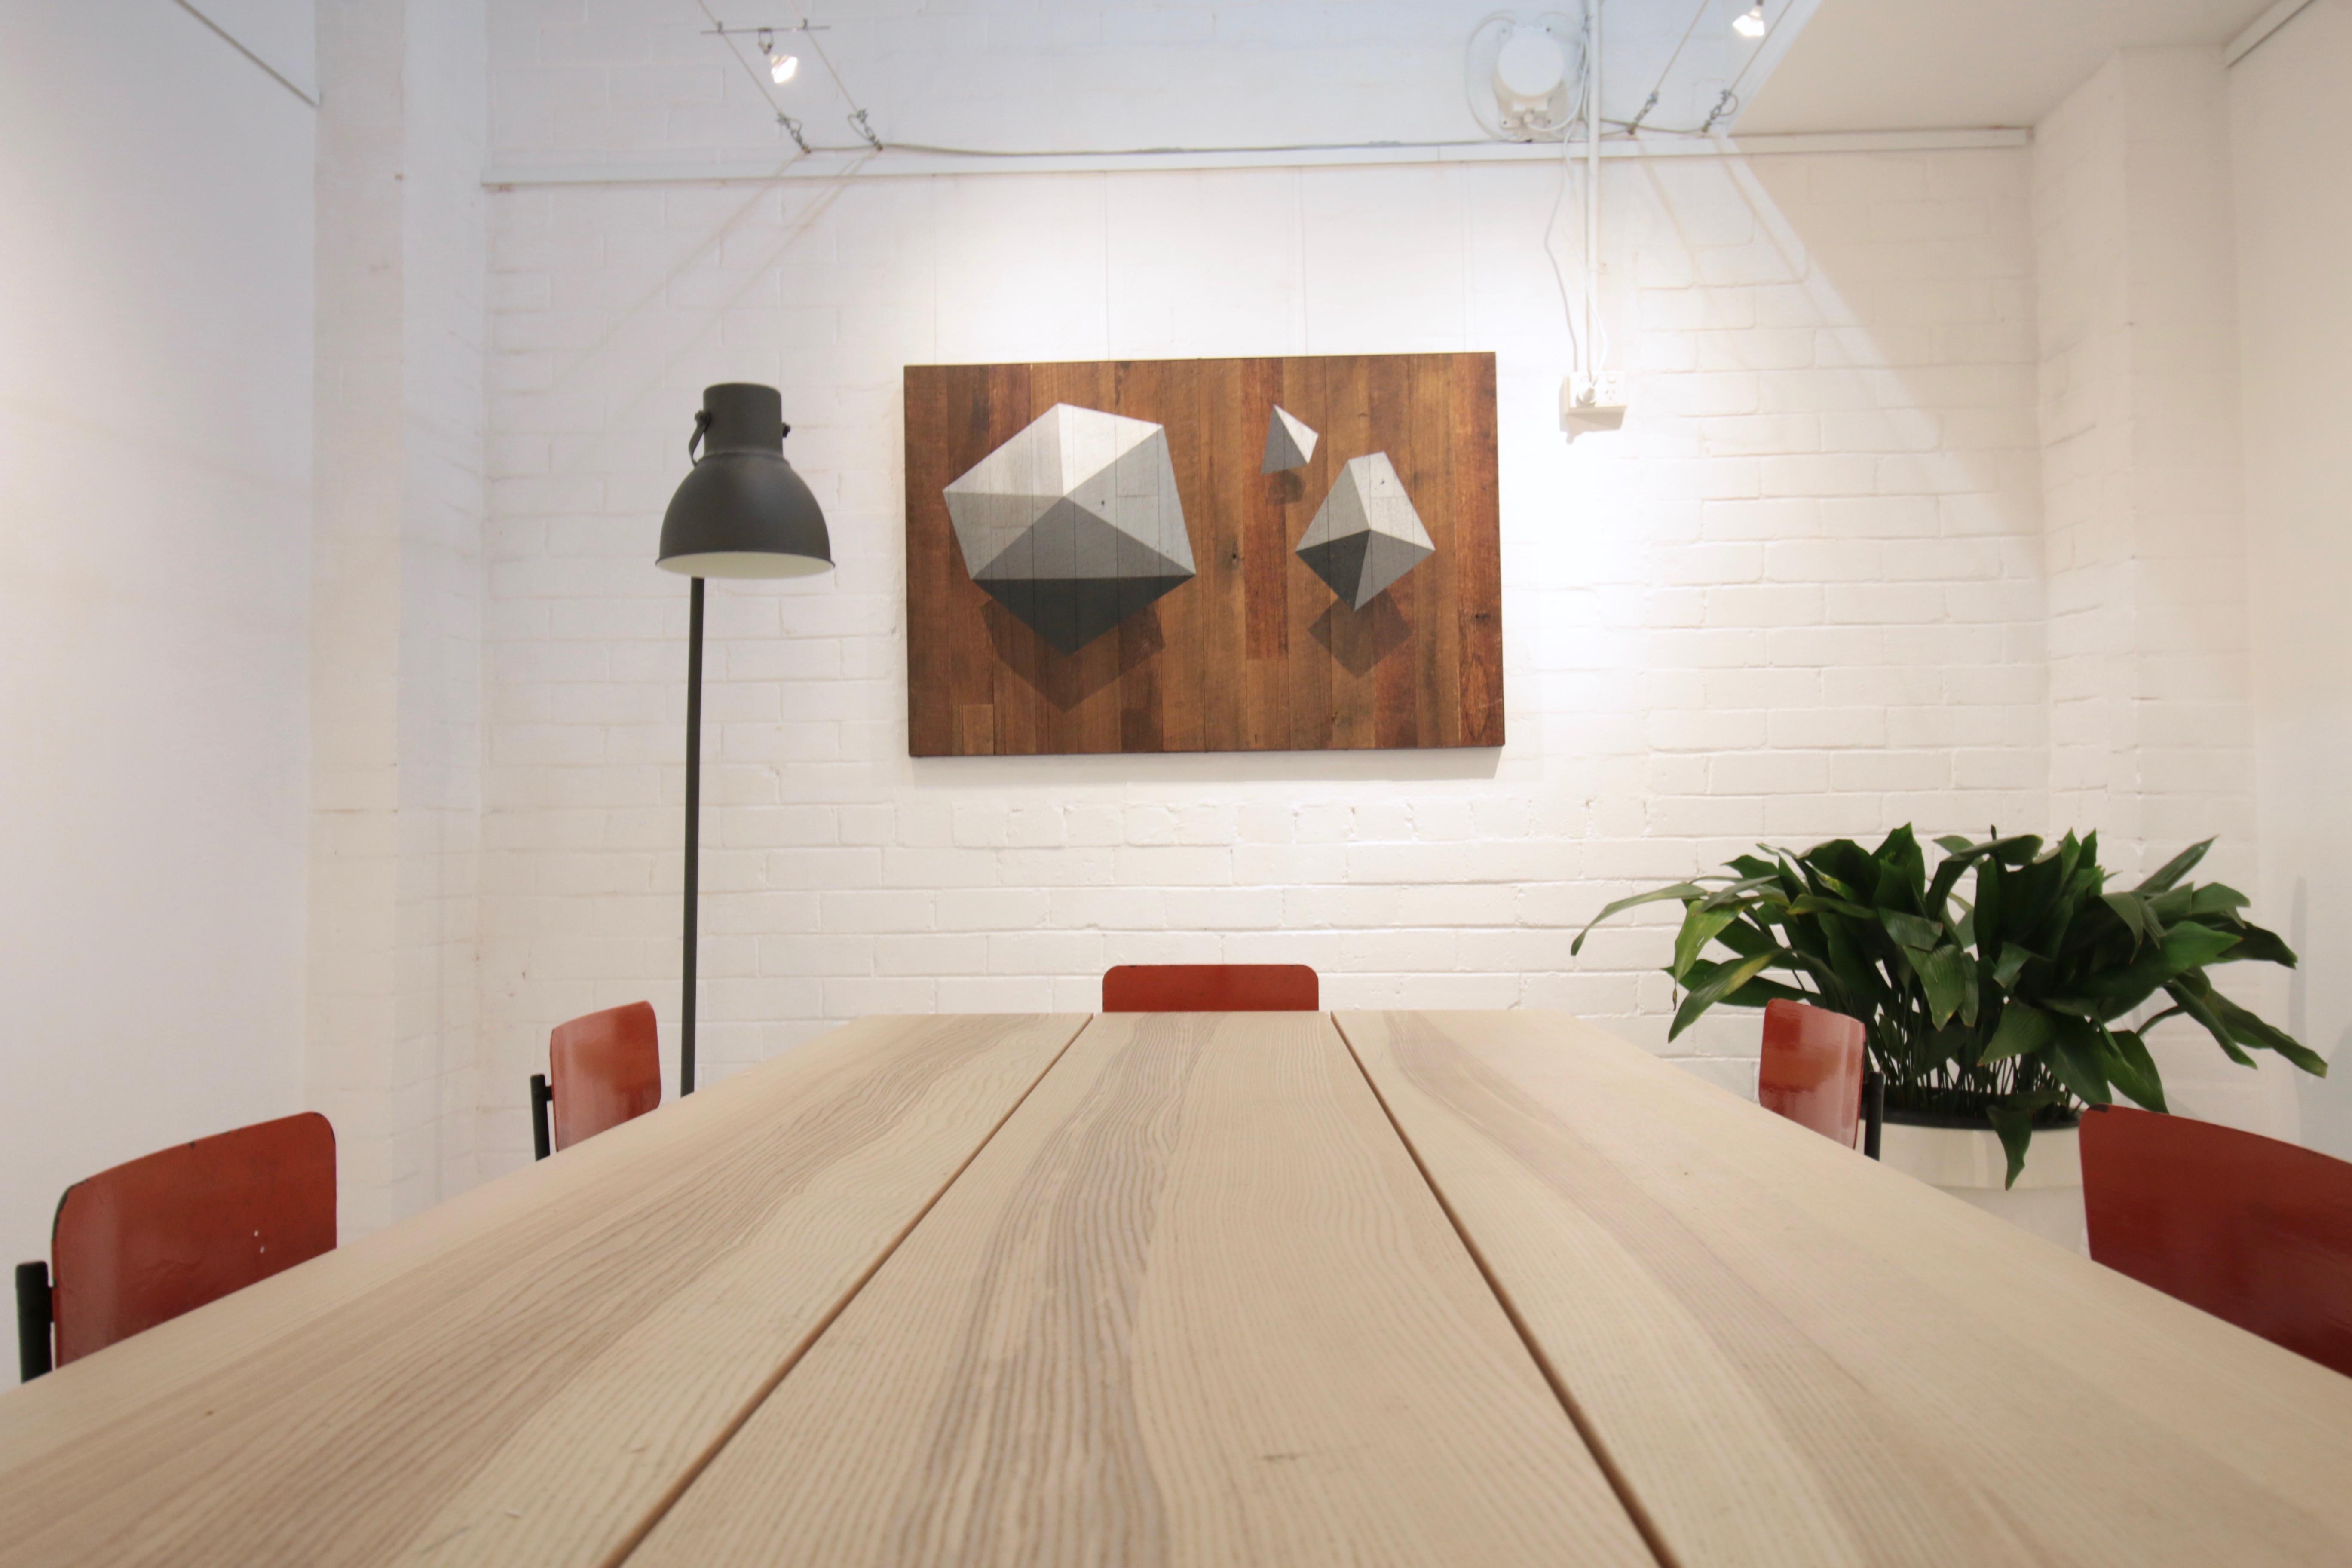 Meeting & Workshop Room / Hourly